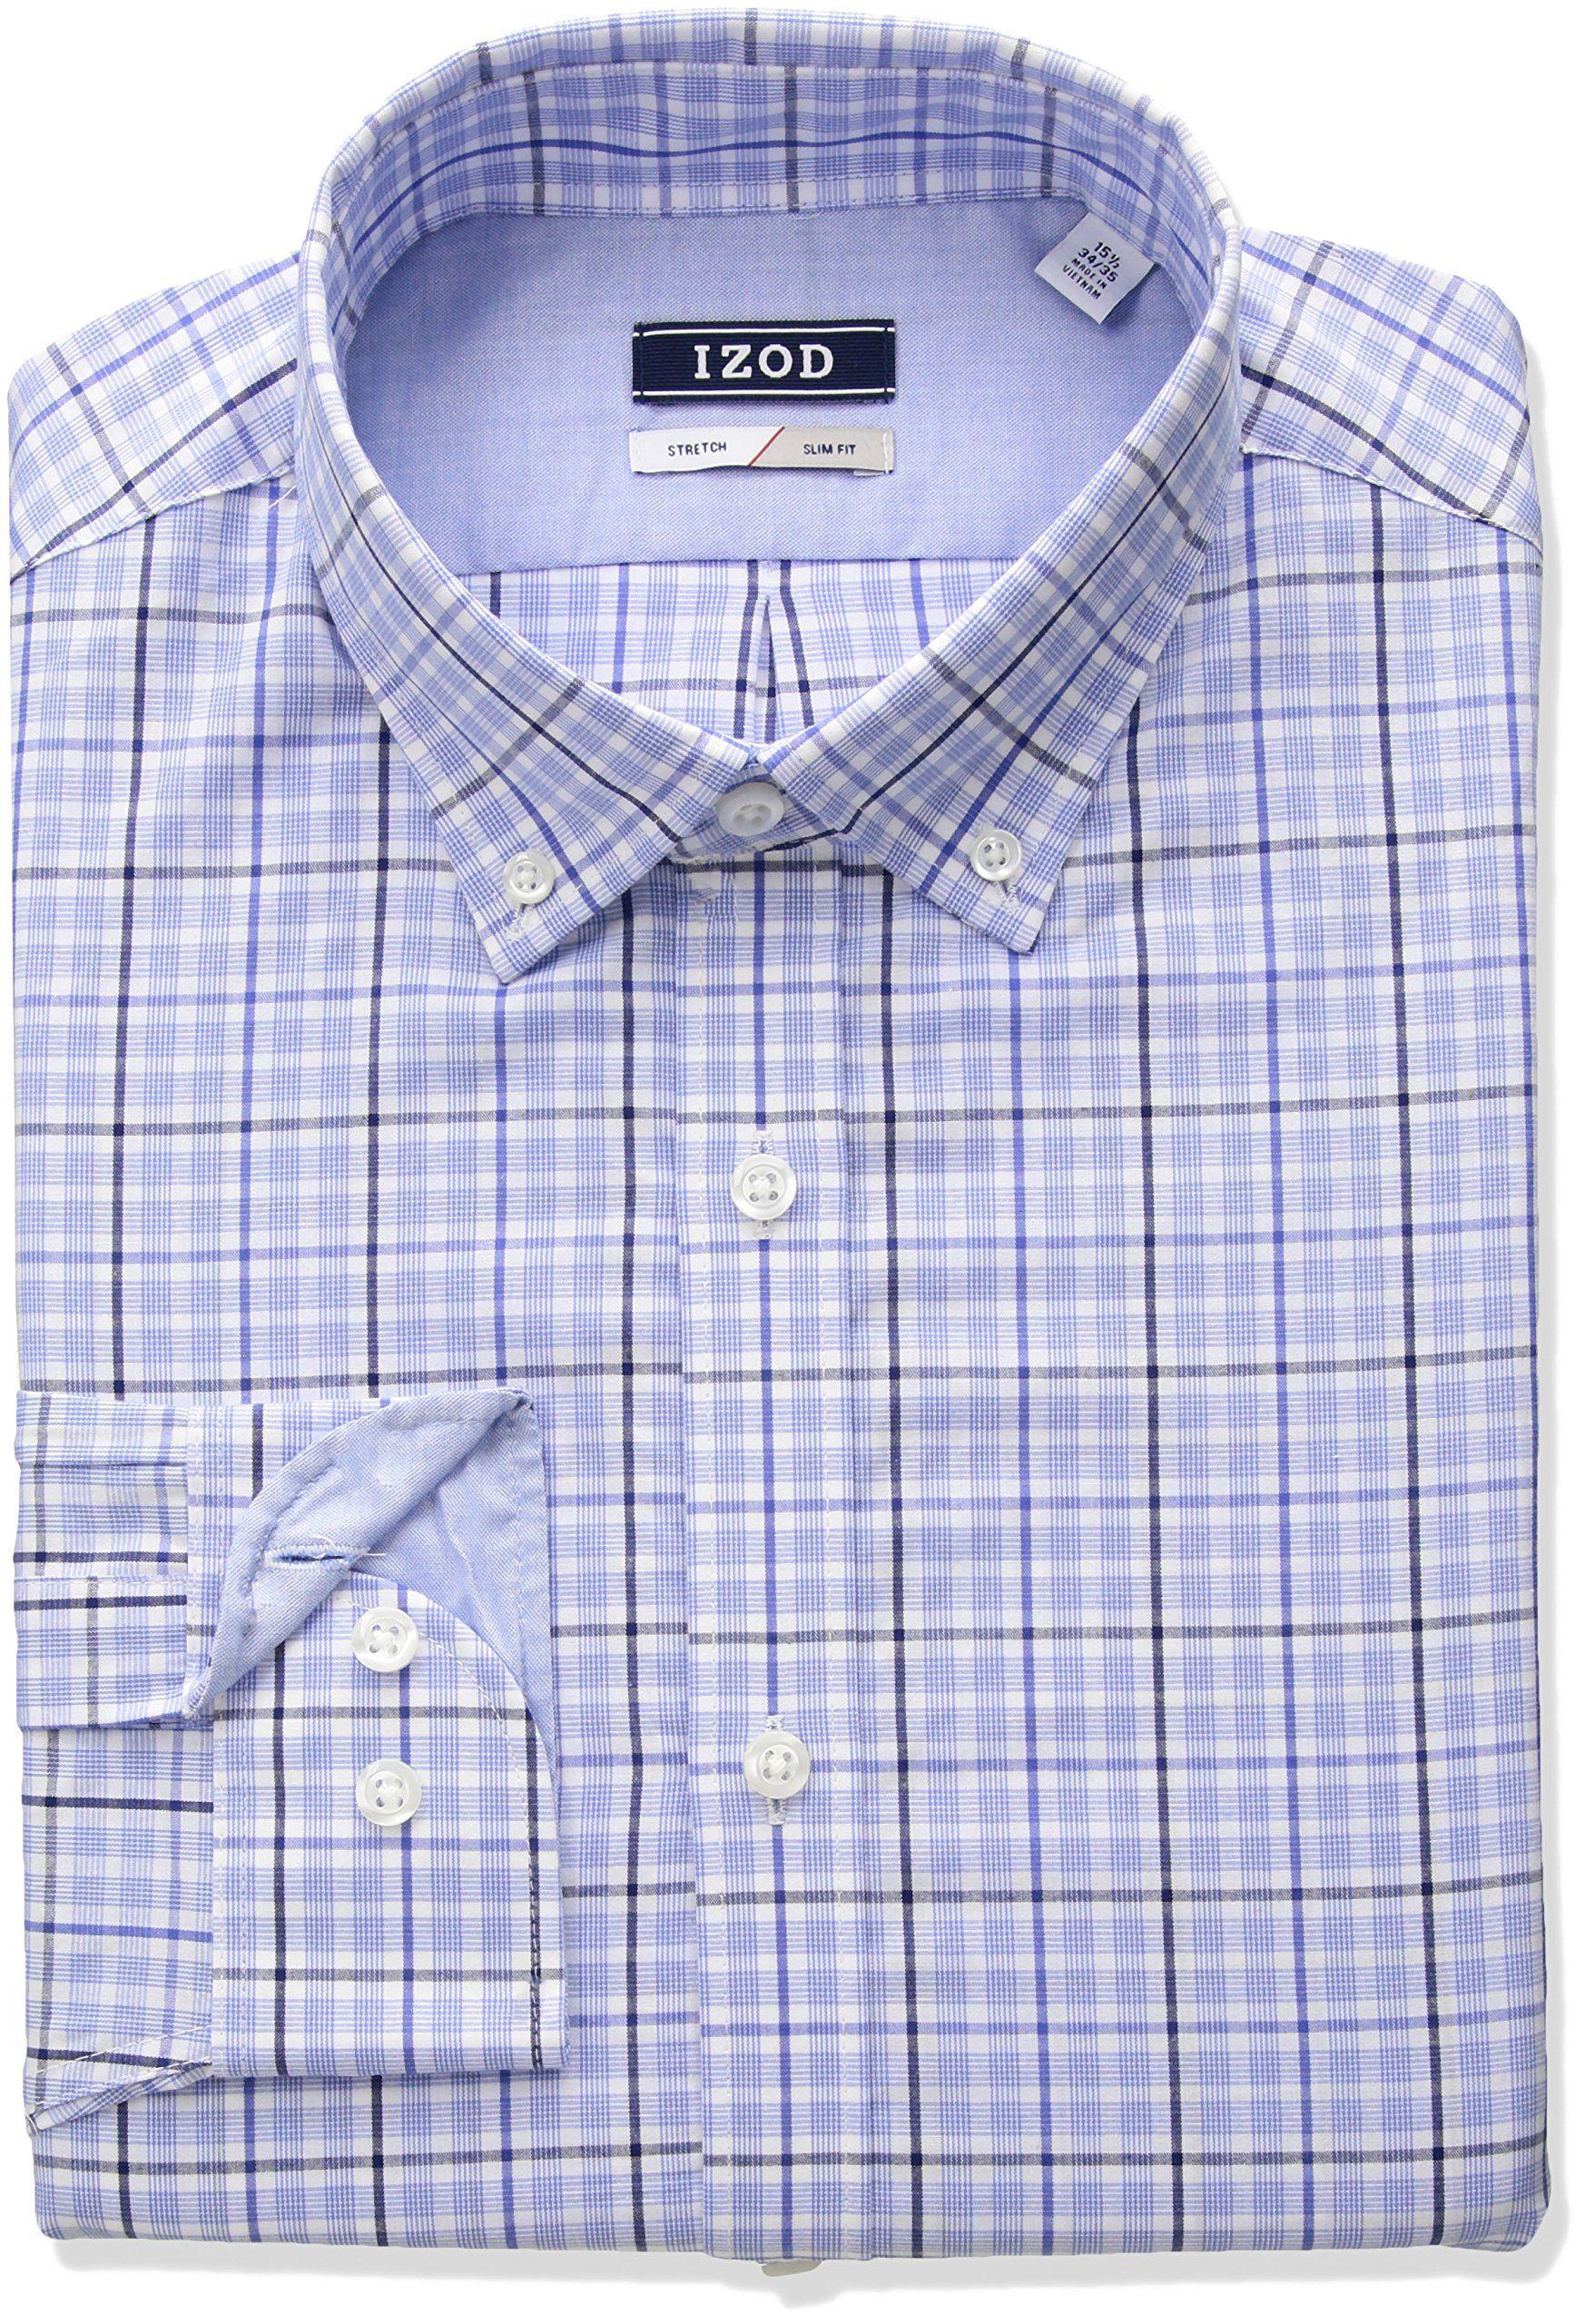 Izod Mens Slim Fit Plaid Buttondown Collar Dress Shirt Bluejay 155